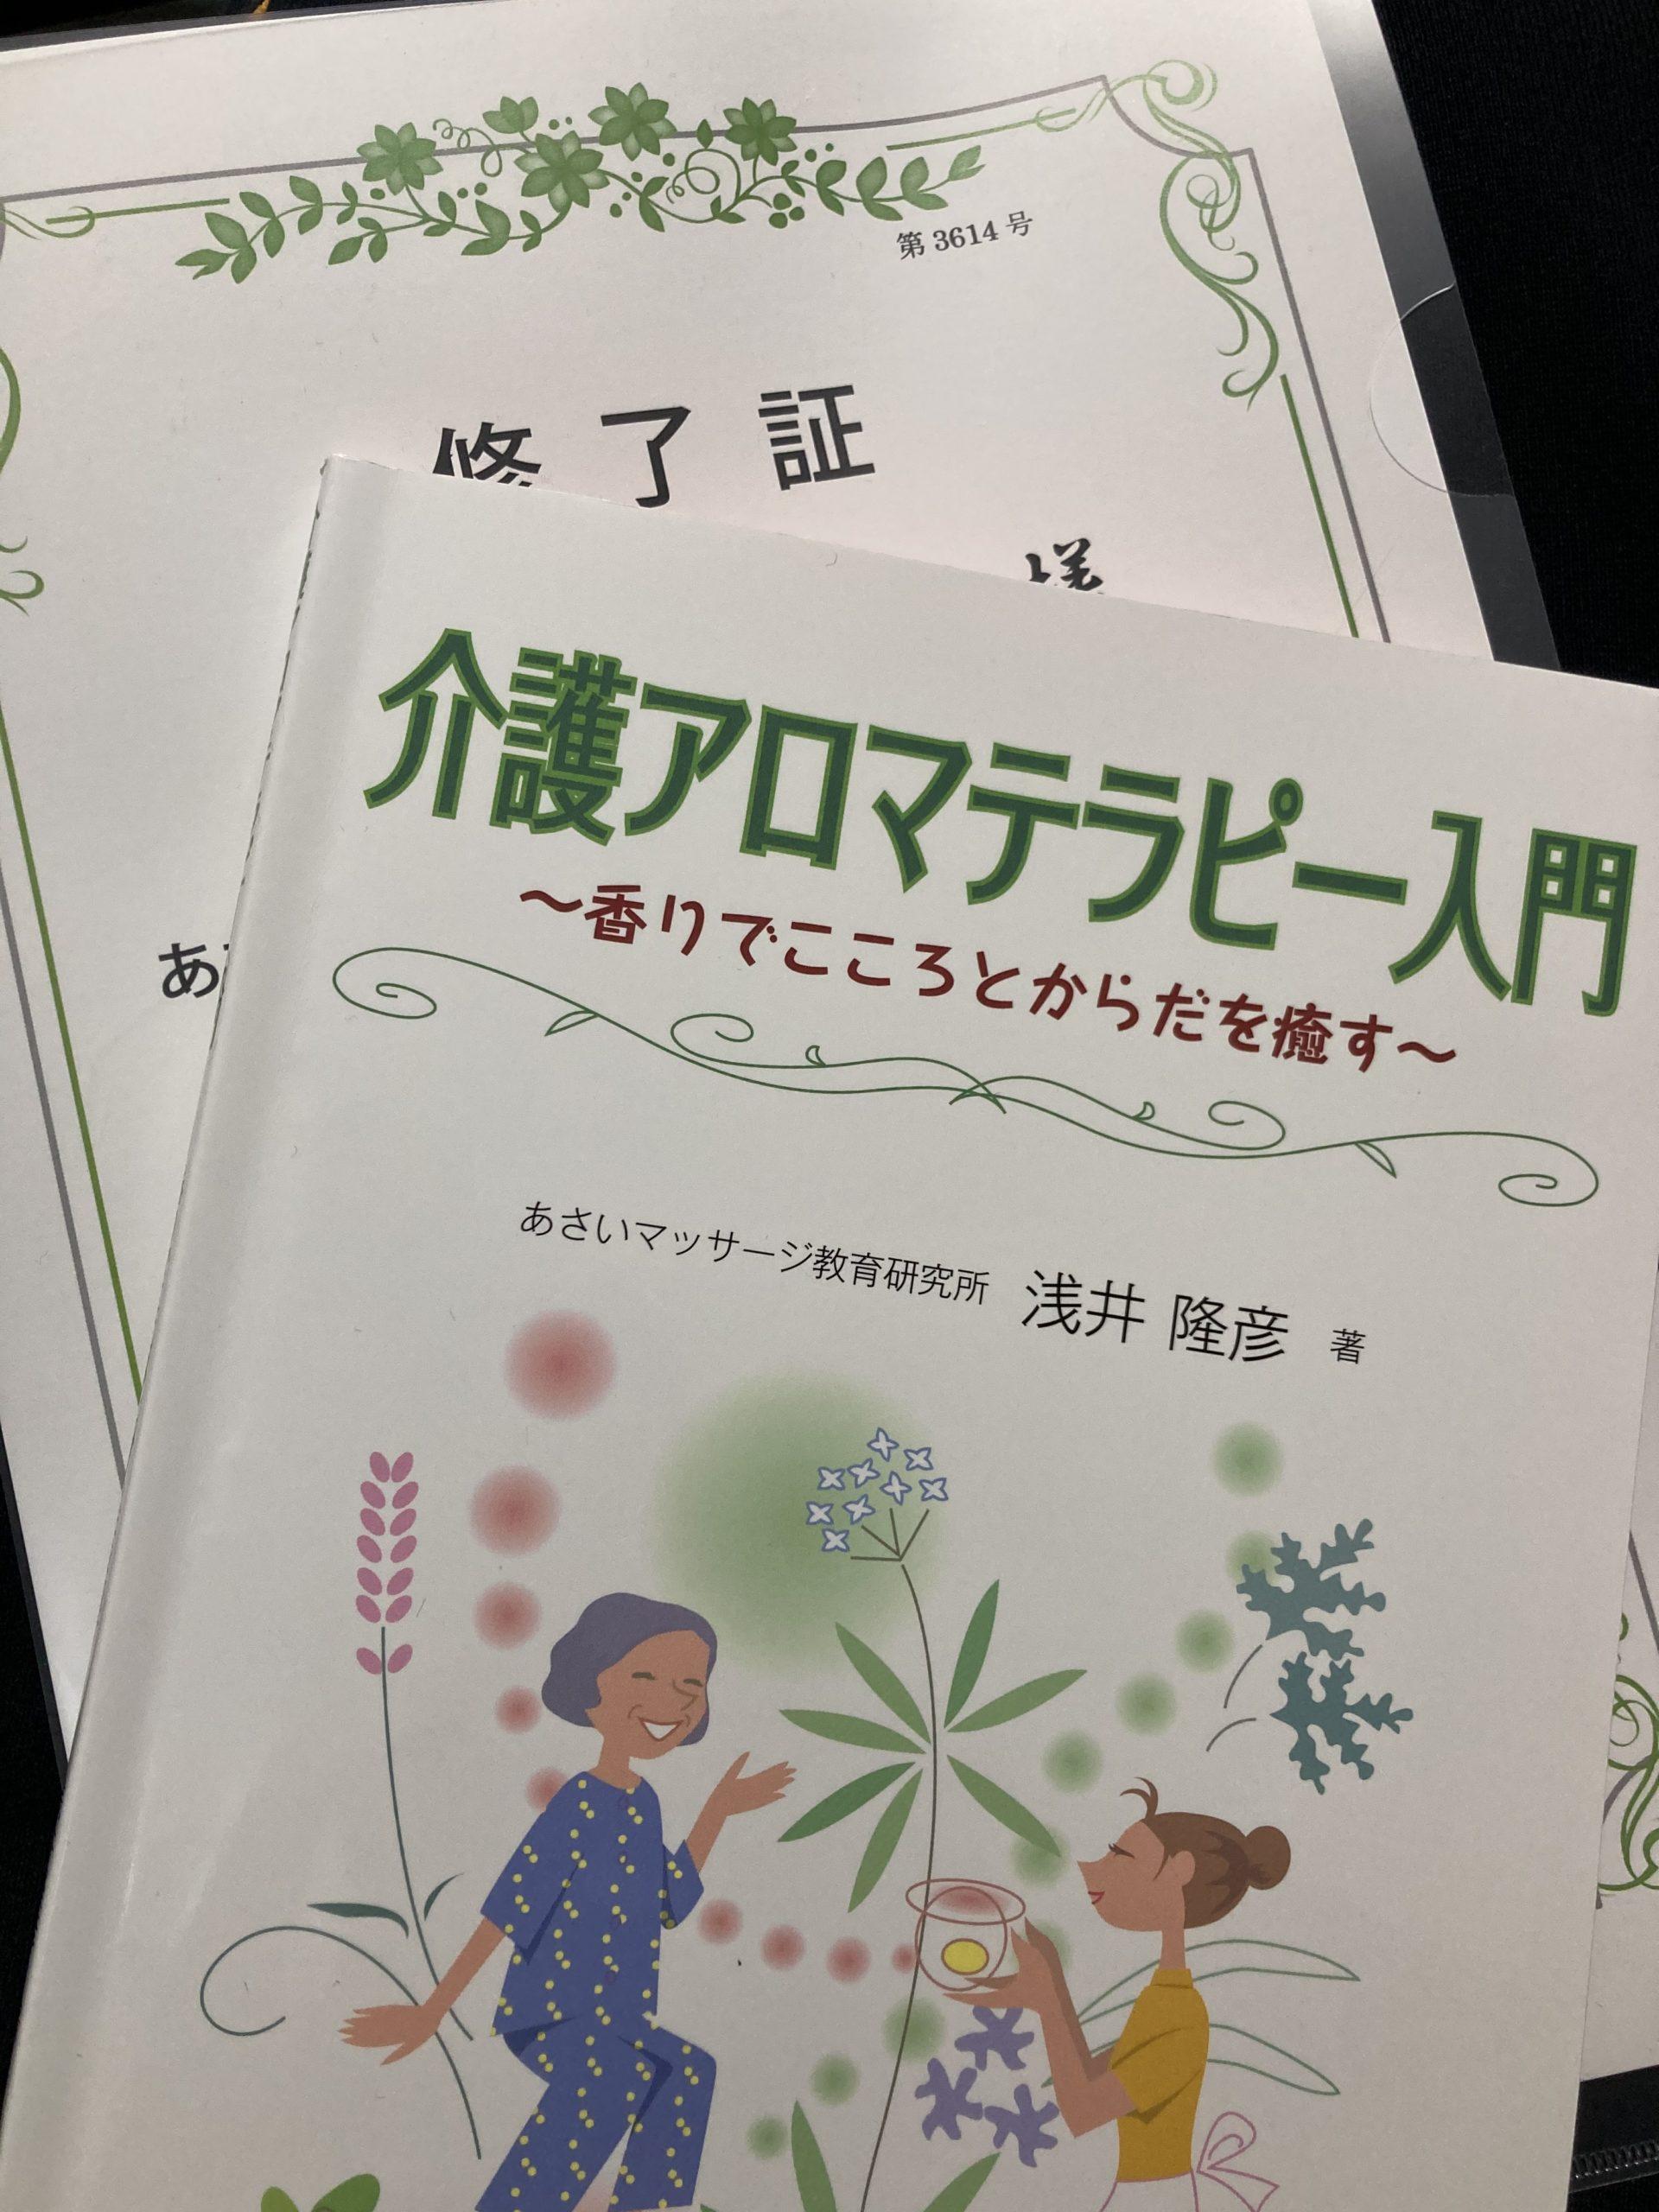 2年目薬剤師マルの徒然日誌 〜介護アロマセラピスト養成講座に参加〜